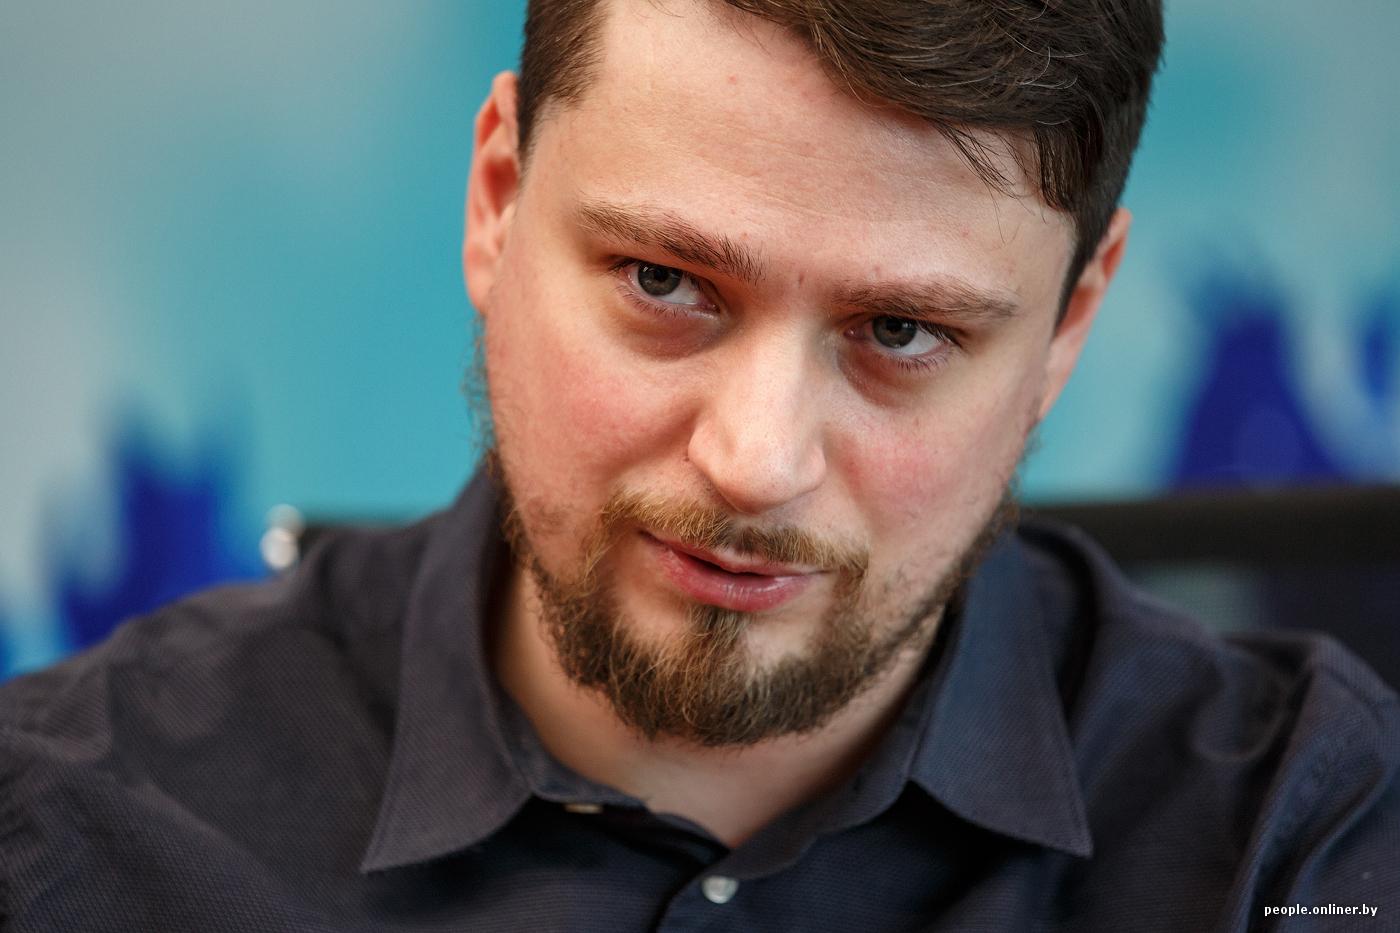 Тренер Финляндии Бакке: Украина не так хороша, как Хорватия